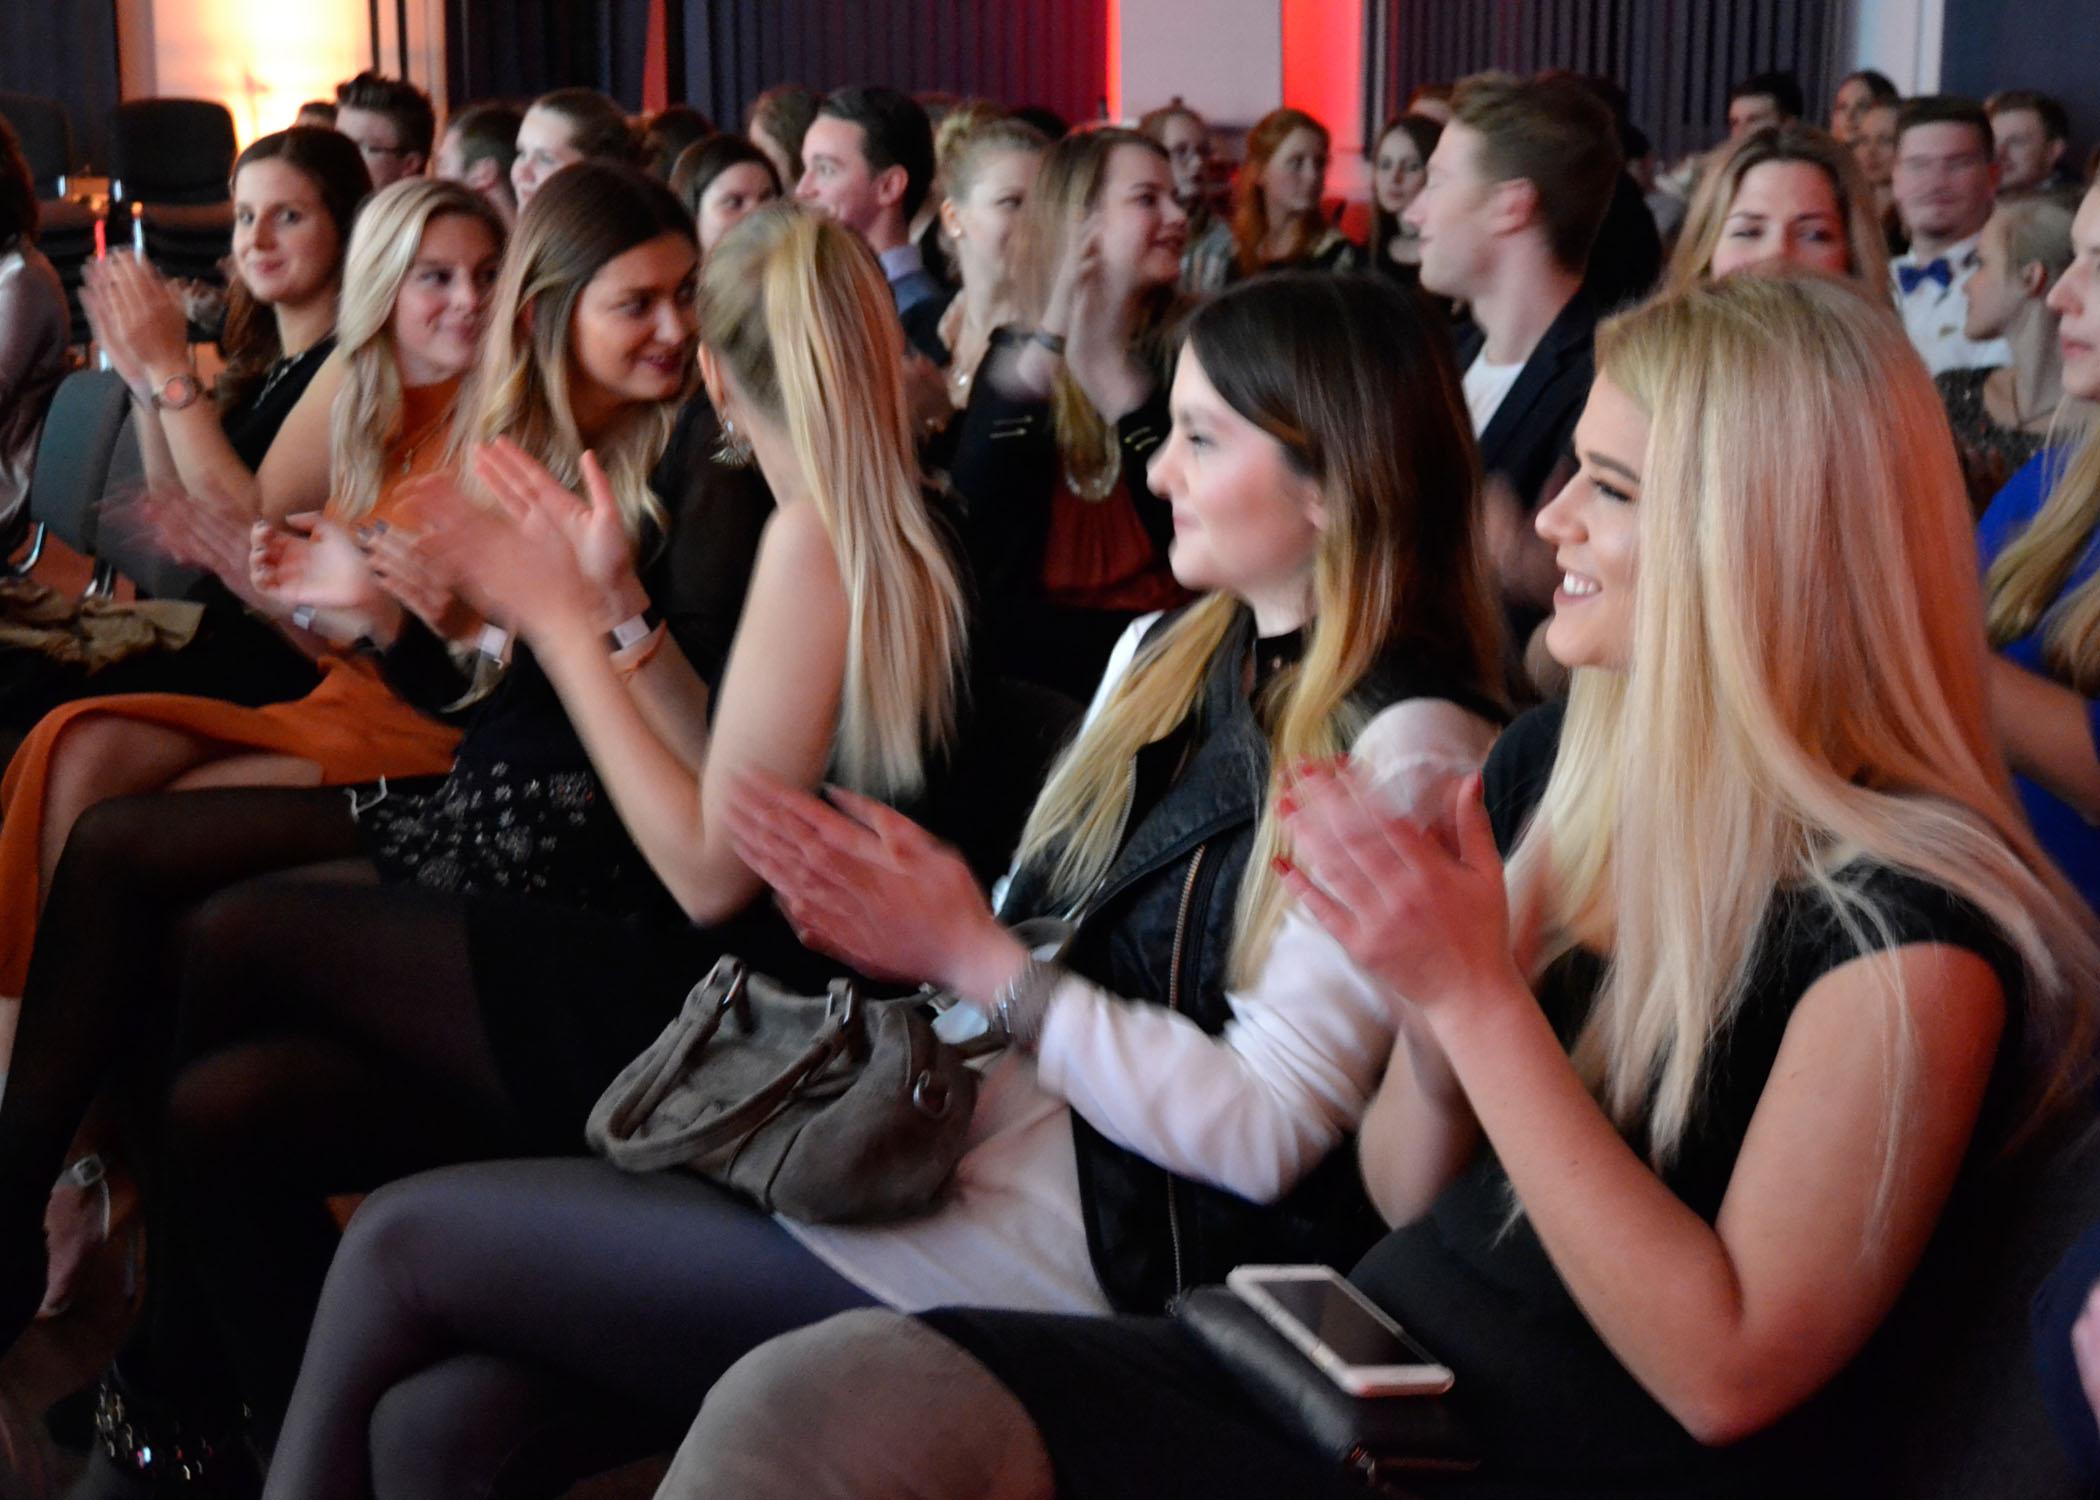 Das Publikum wurde anderthalb Stunden gut unterhalten.